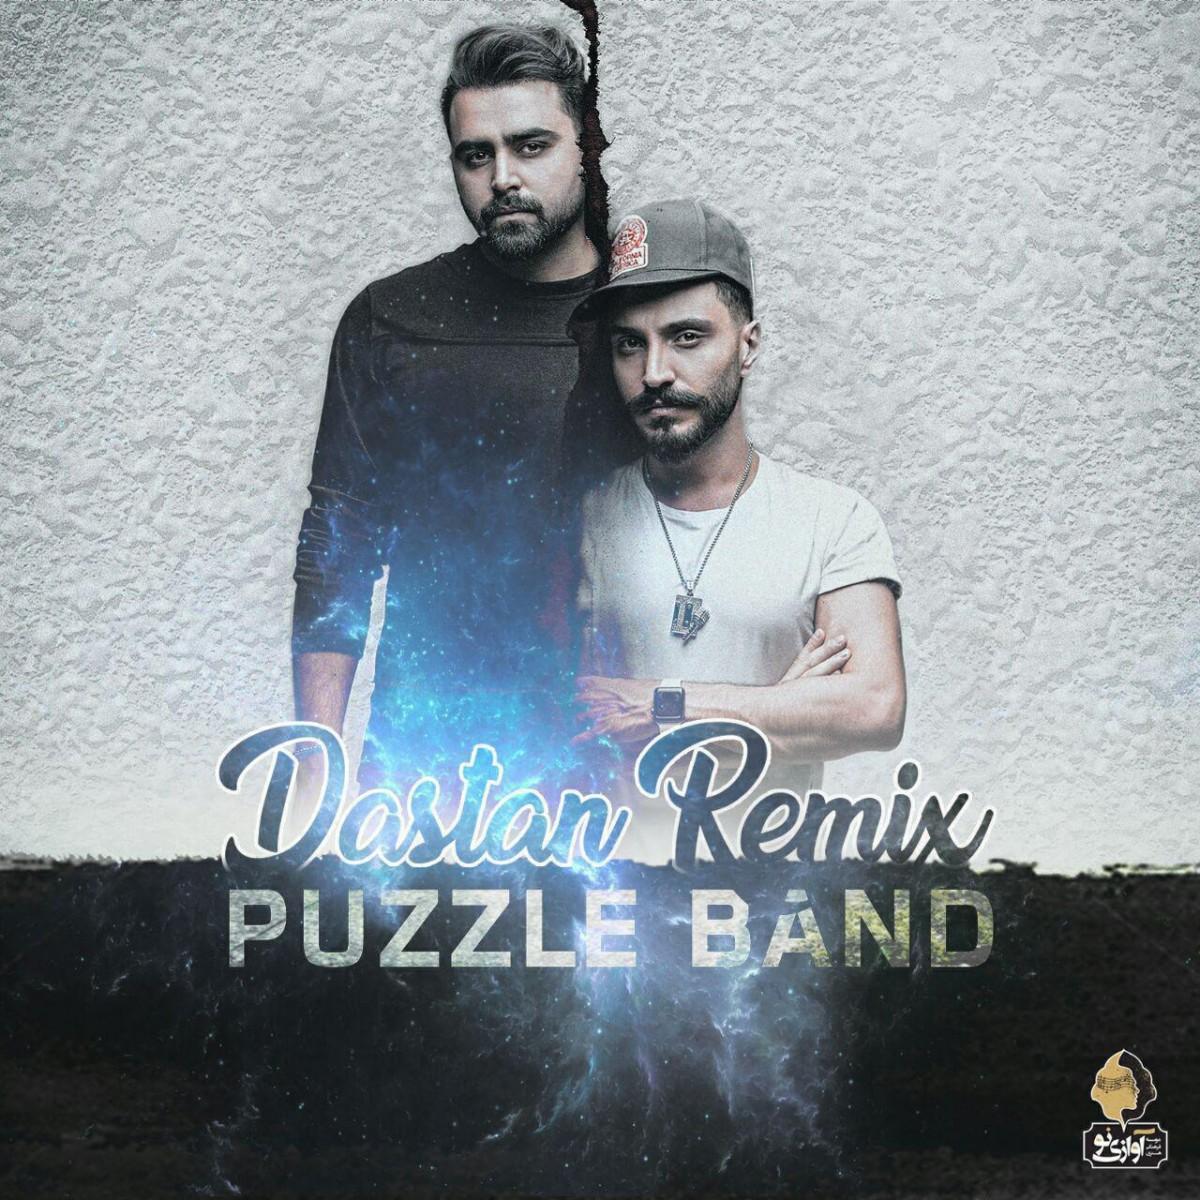 نامبر وان موزیک | دانلود آهنگ جدید Puzzle-Band-Dastan-Remix